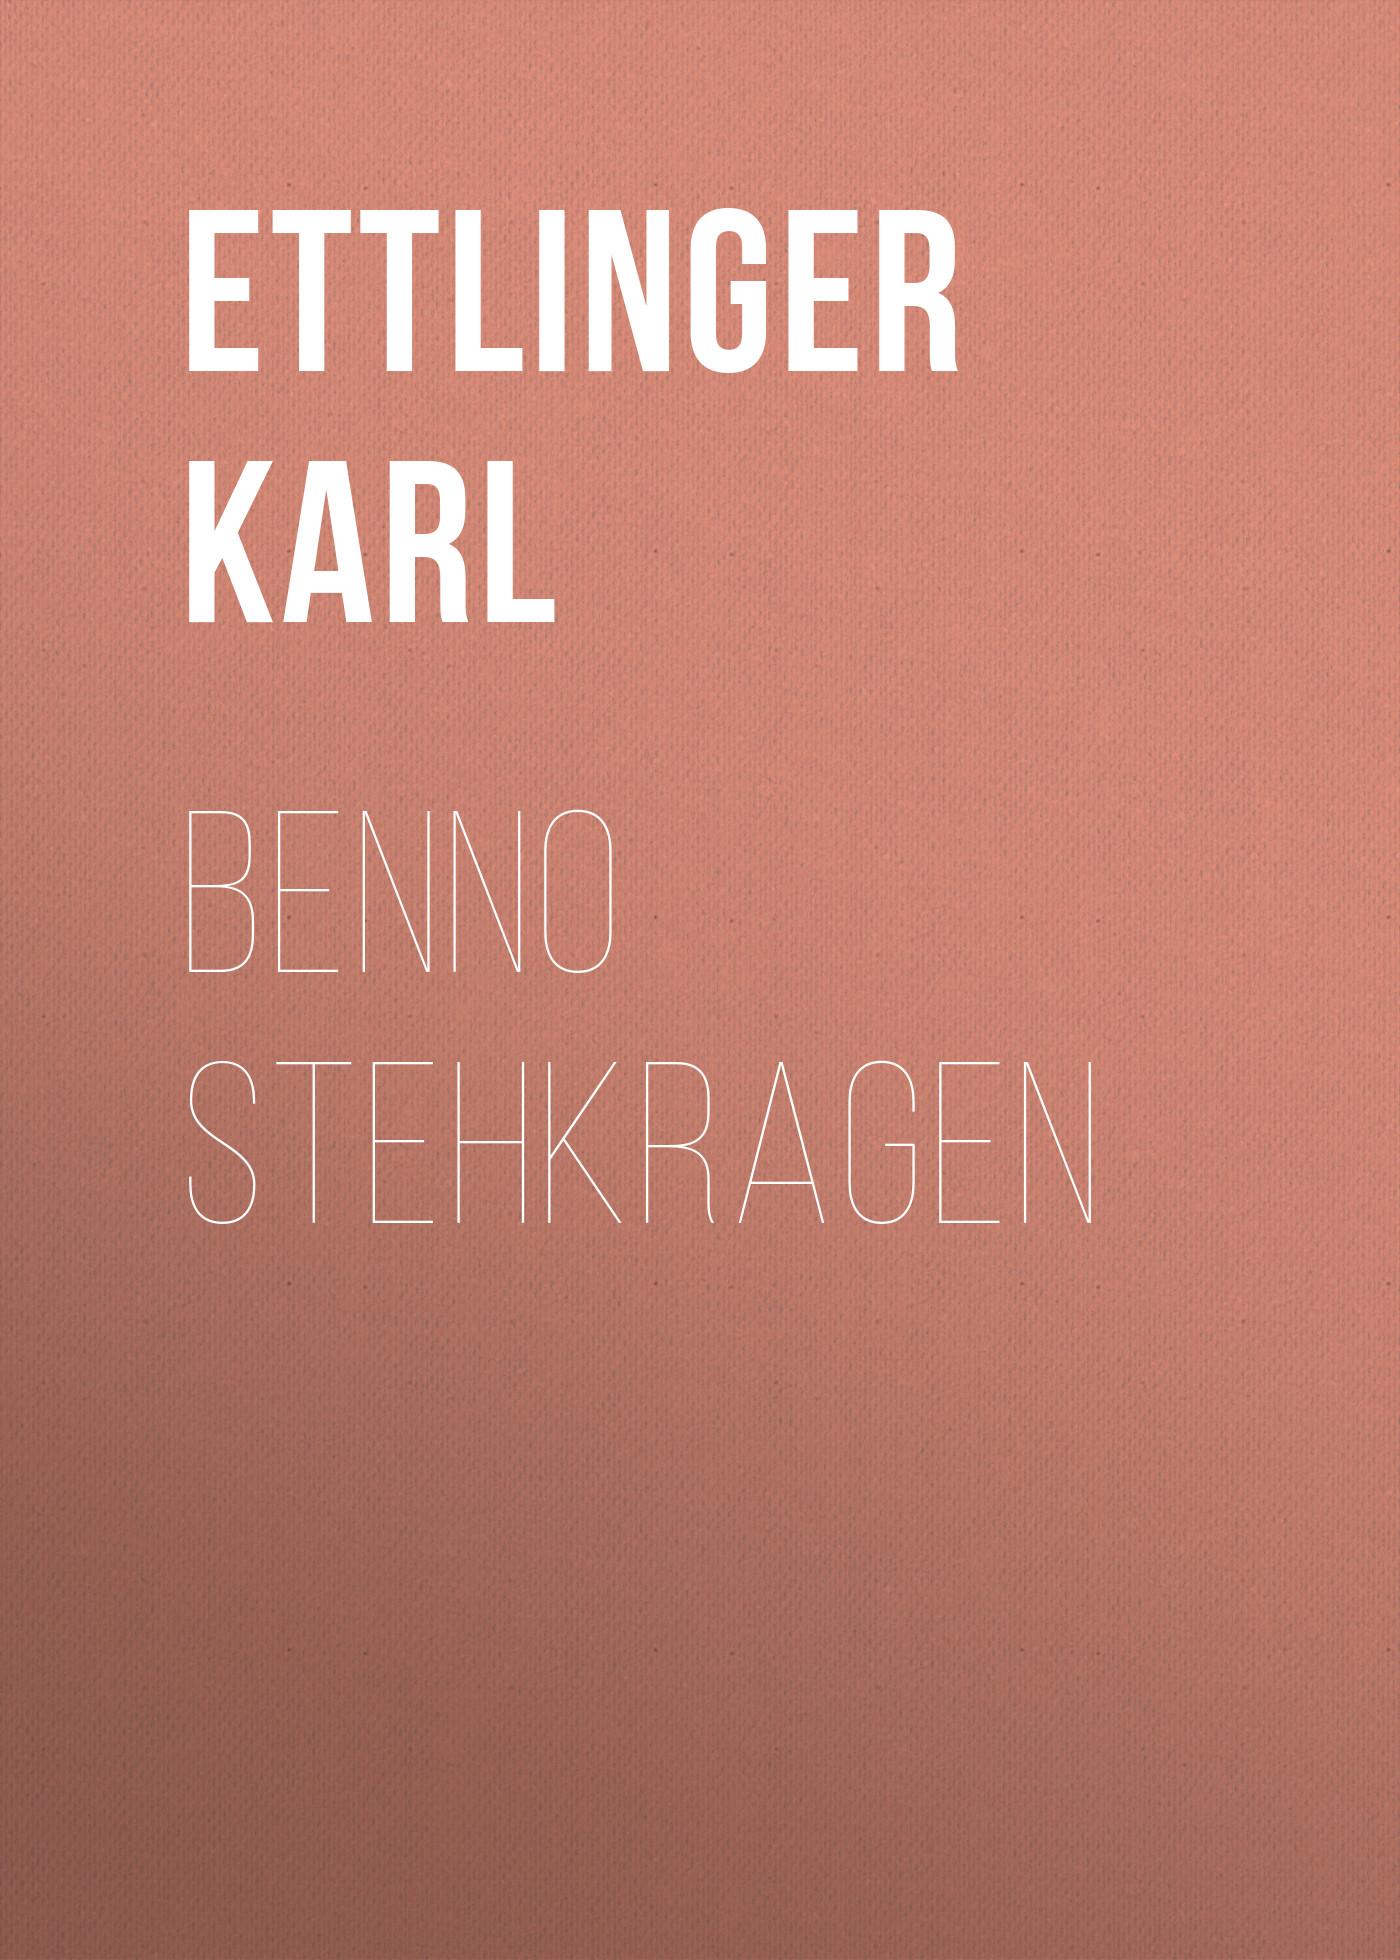 Ettlinger Karl Benno Stehkragen dado sens purderm normalizing cream 1 69 fl oz